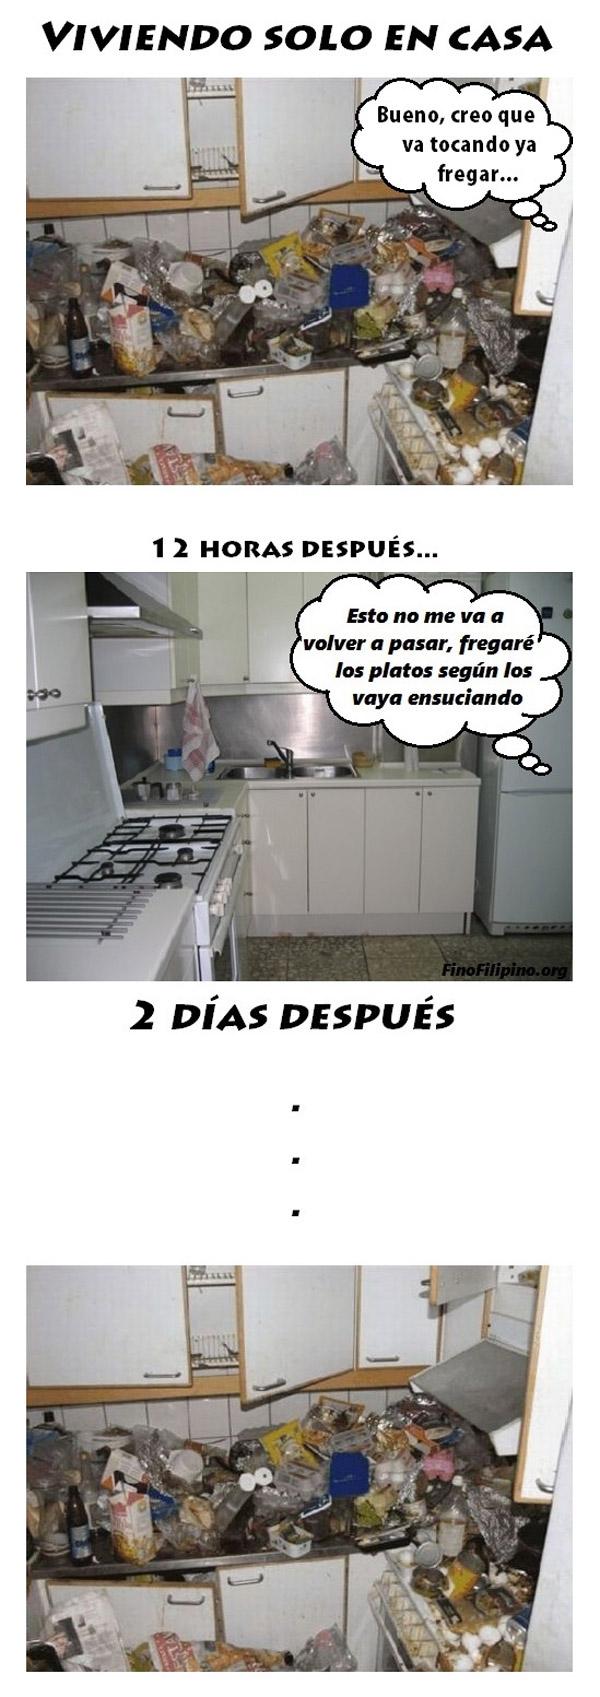 Viviendo solo en casa